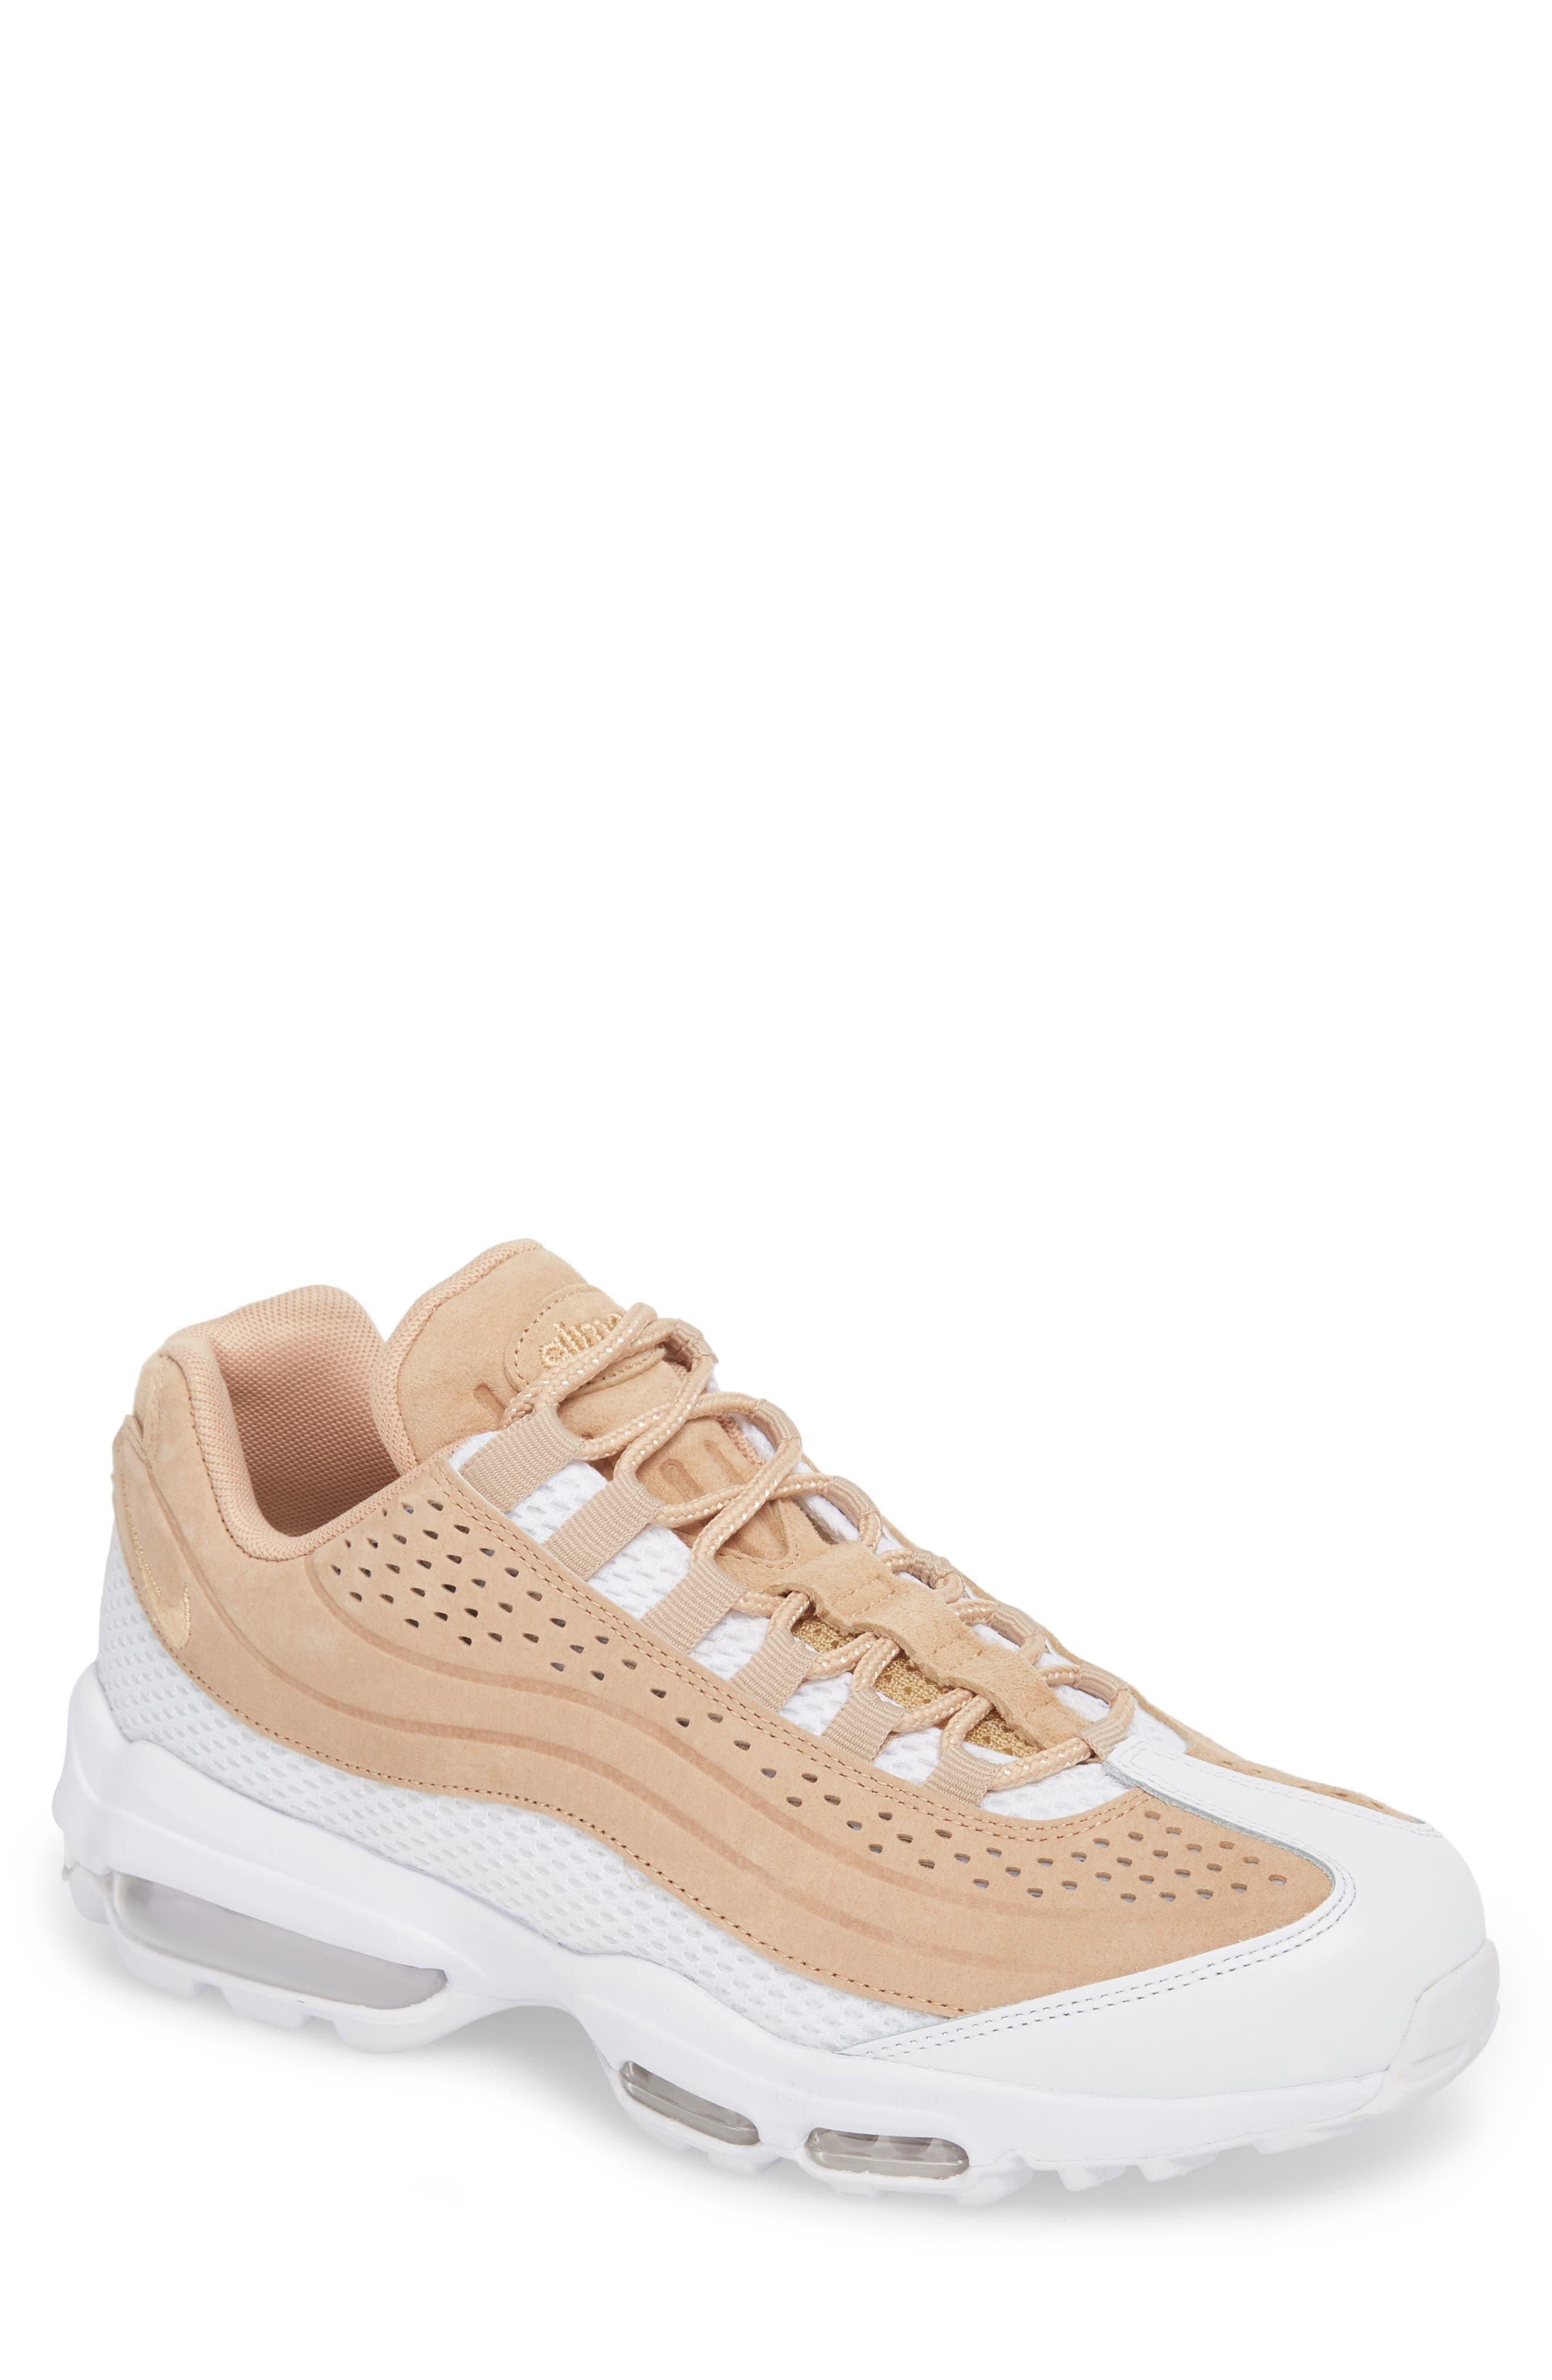 Nike Air Max 95 Ultra Premium Sneaker (Men)